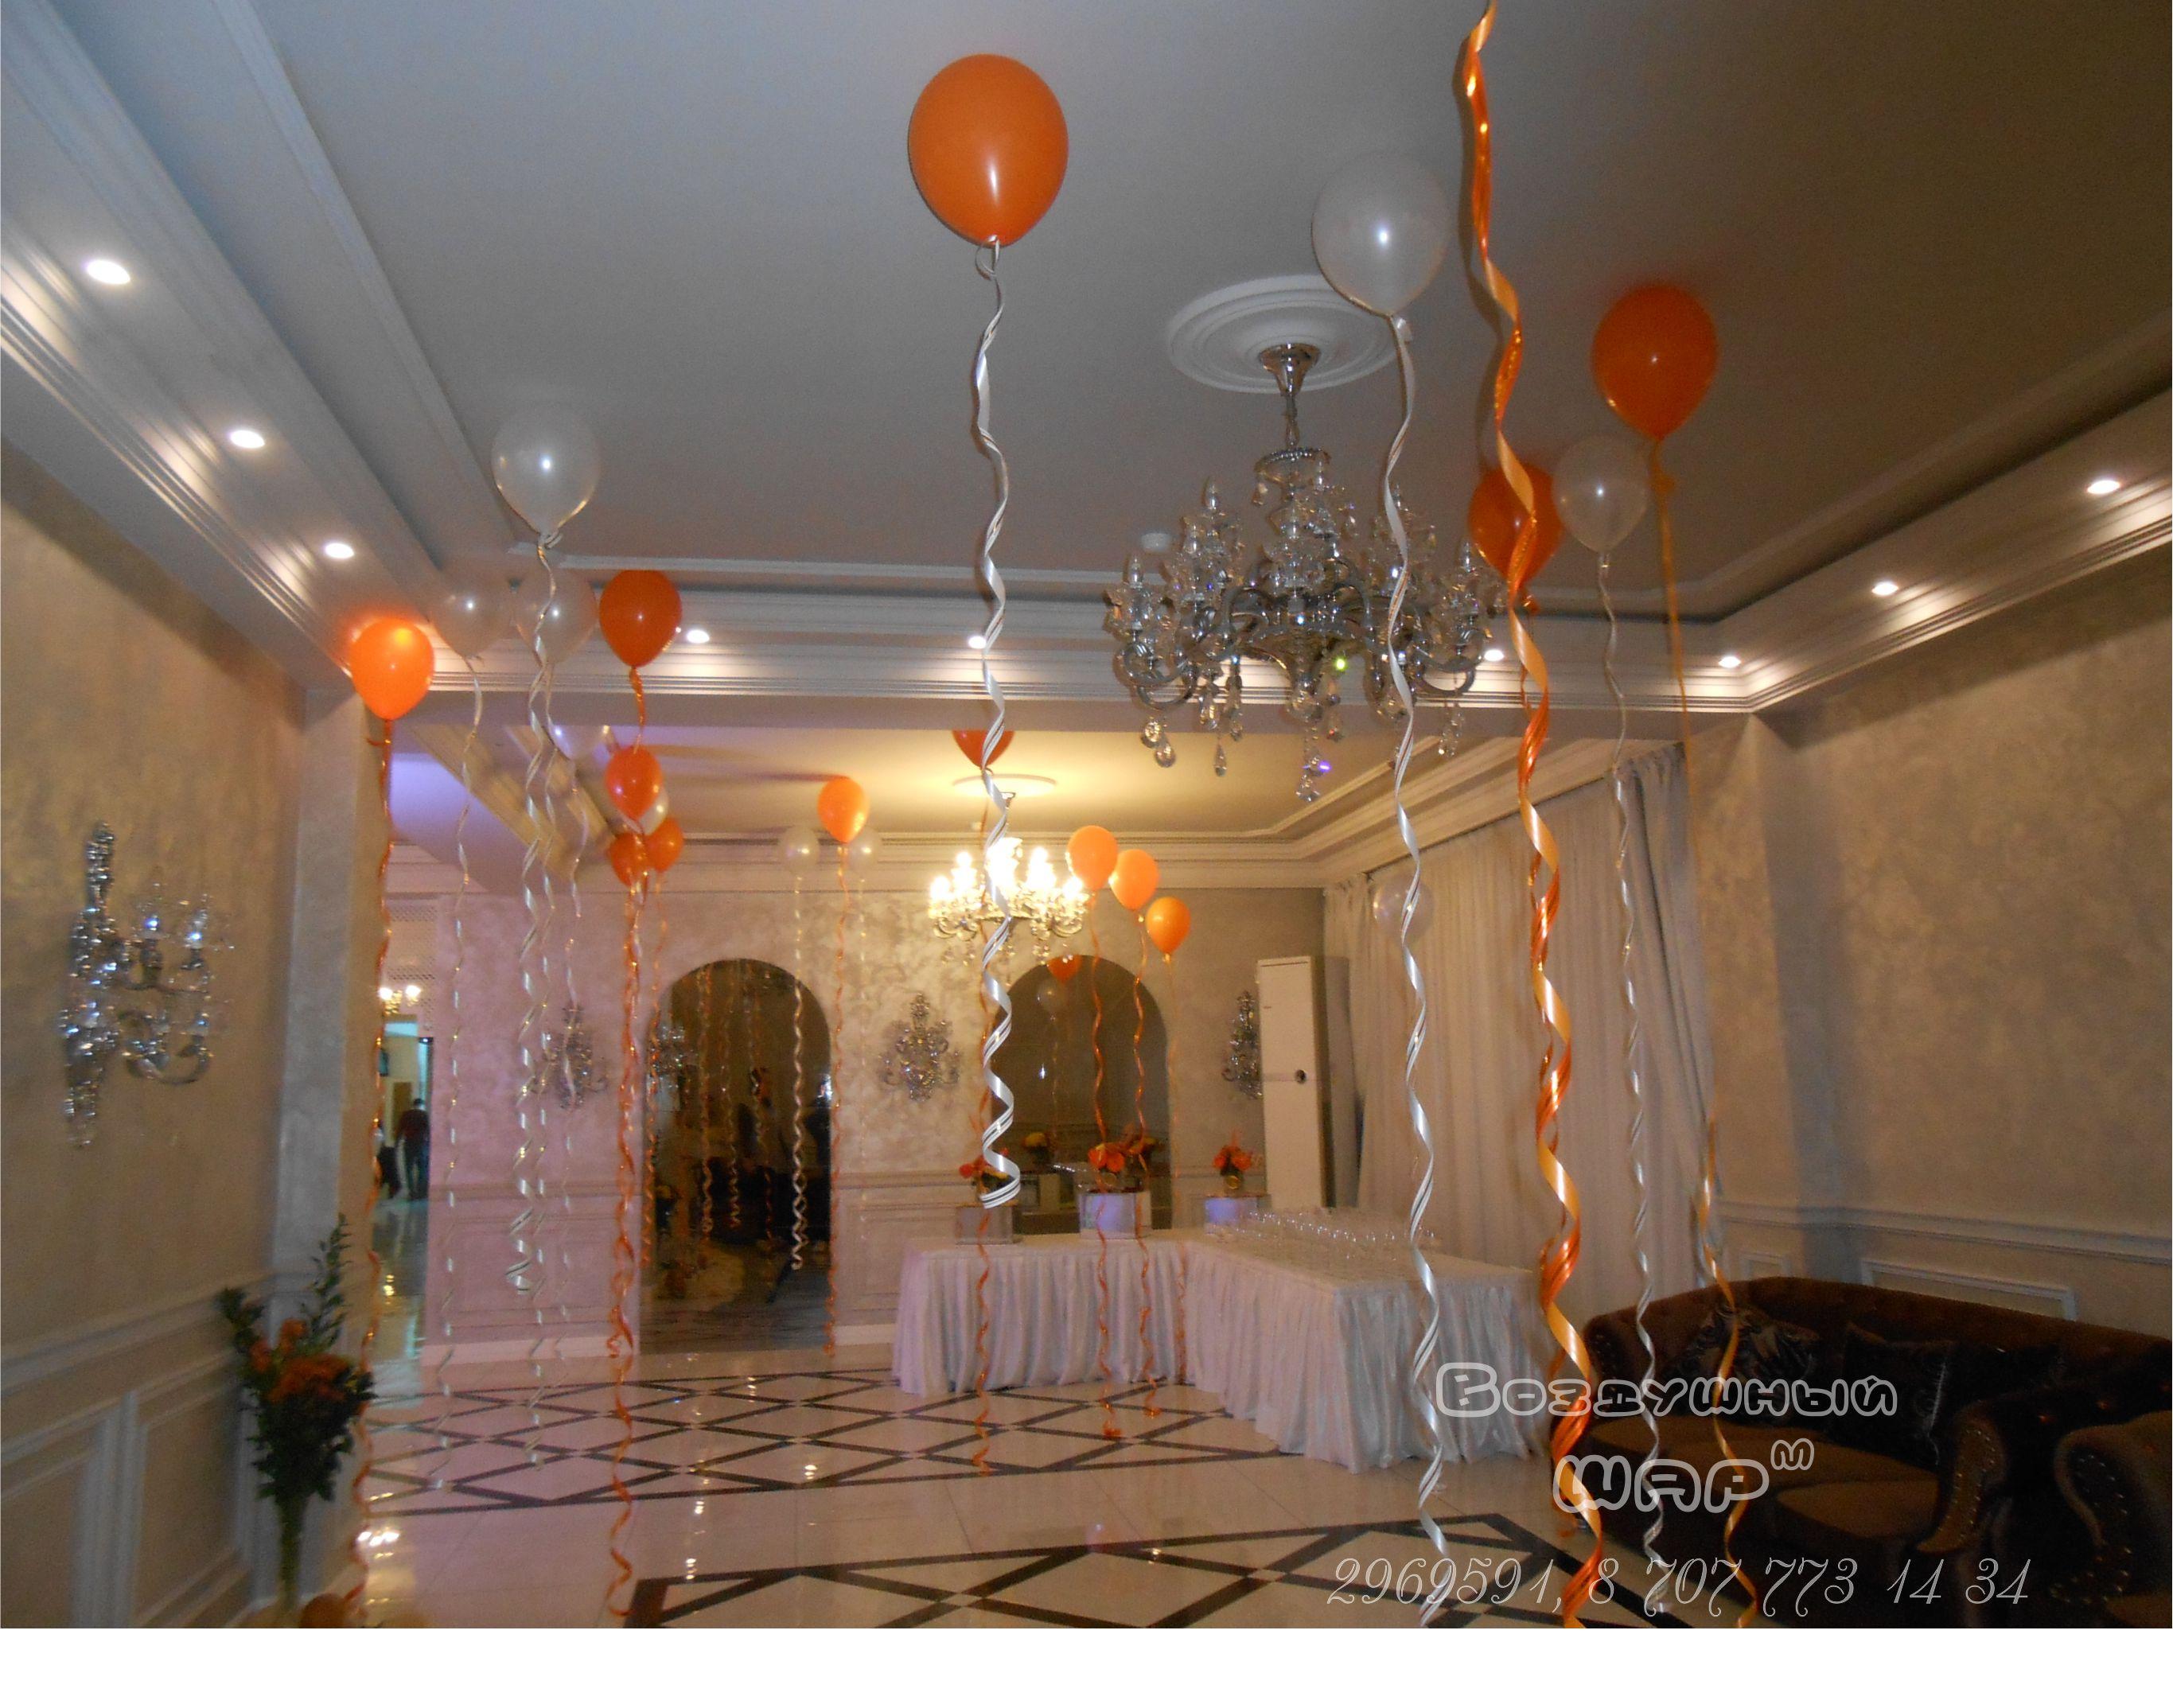 оформление_свадьбы_шарами_в_оранжевых_тонах.jpg